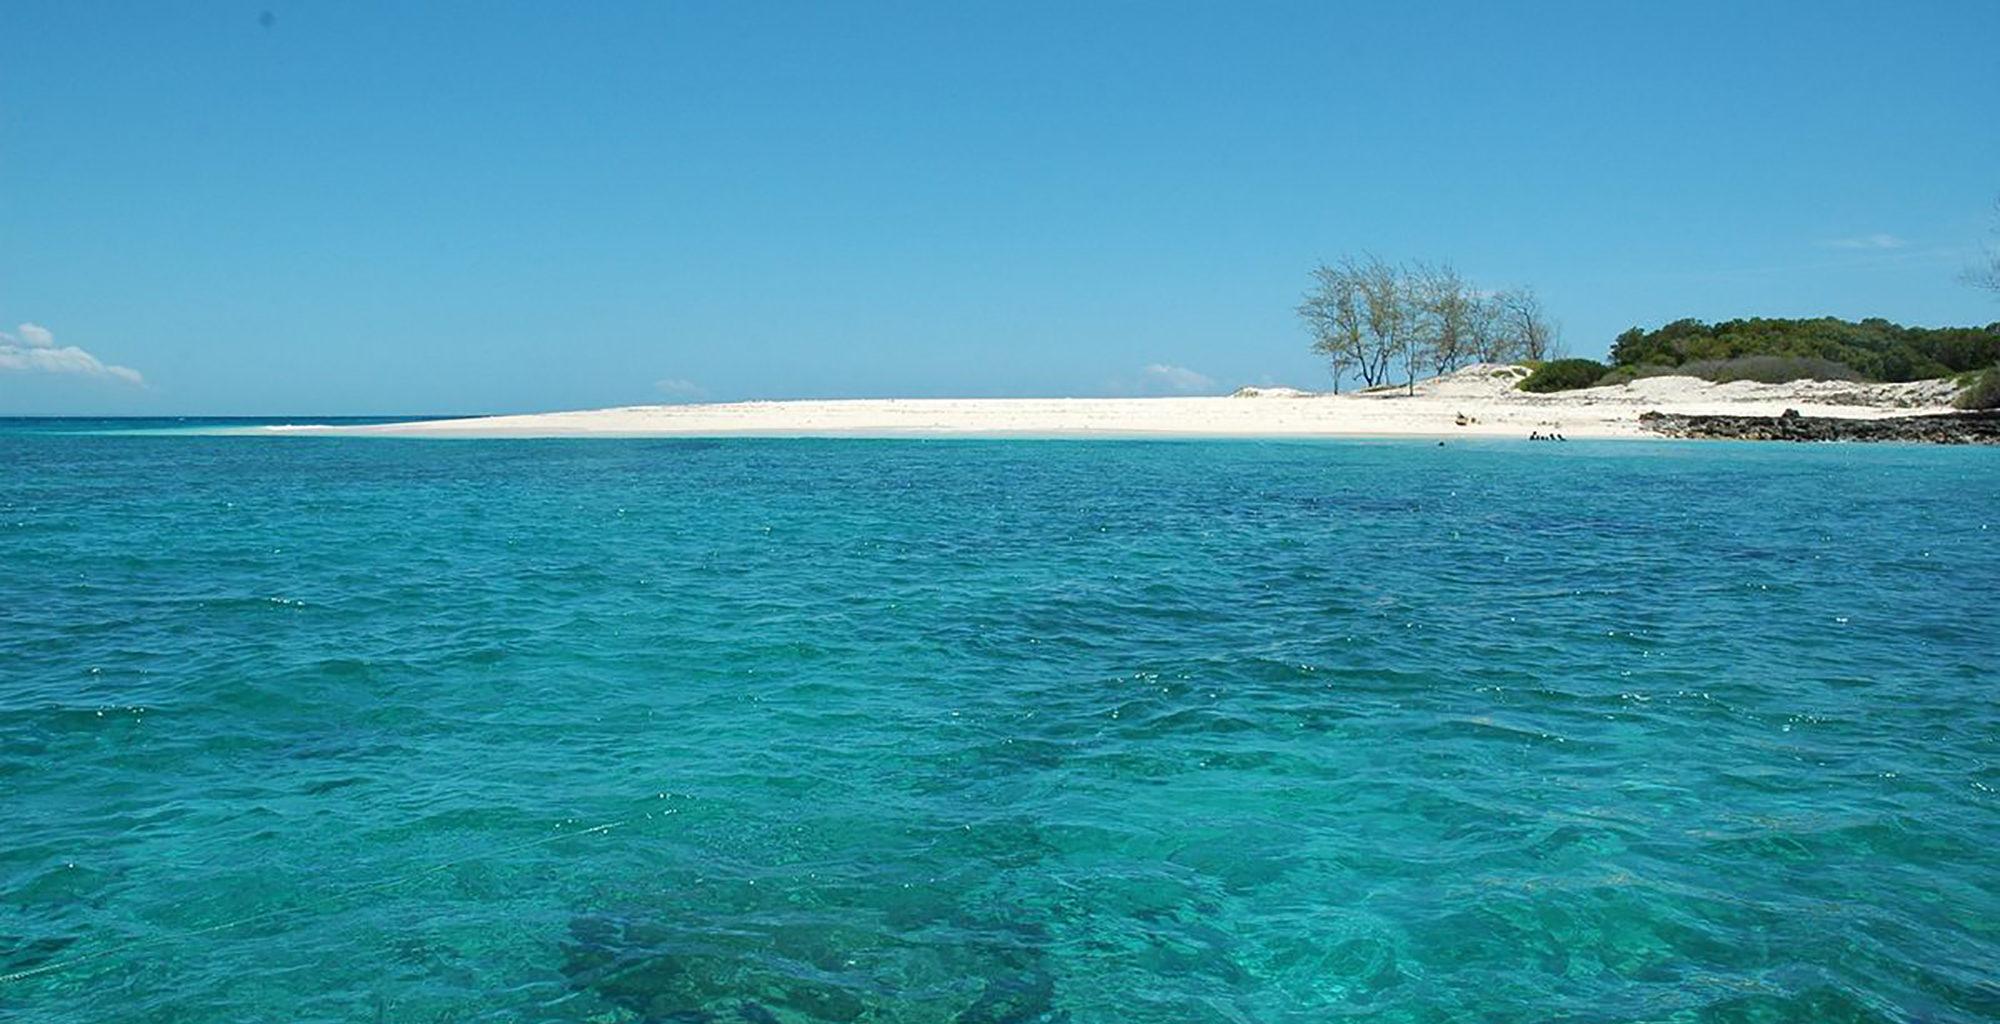 Mozambique-Terraco-Das-Quitandas-Beach